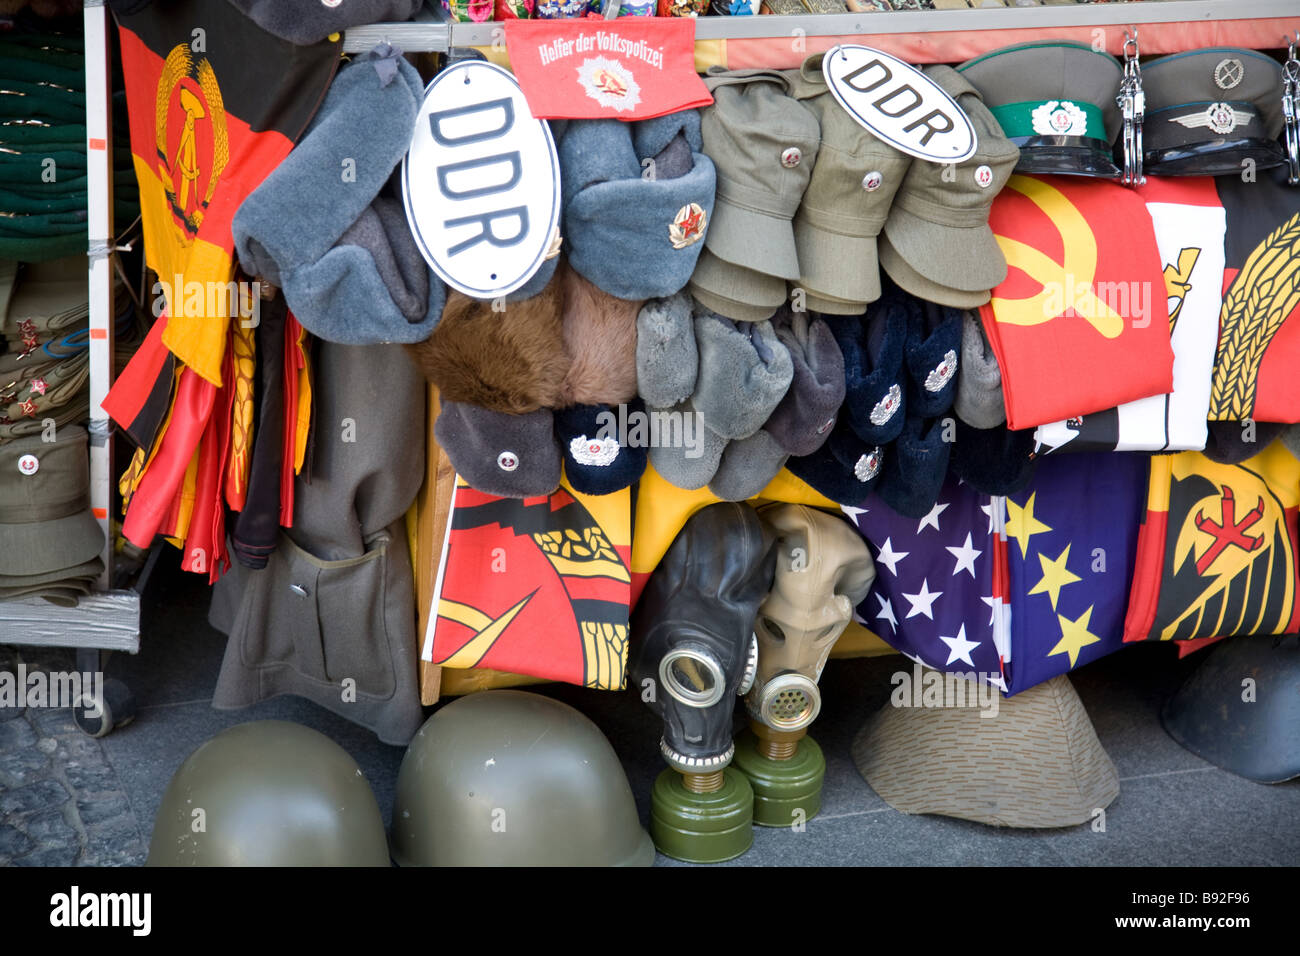 Kalten Krieges Erinnerungsstücke ist beliebt bei Touristen in Berlin Deutschland Stockbild